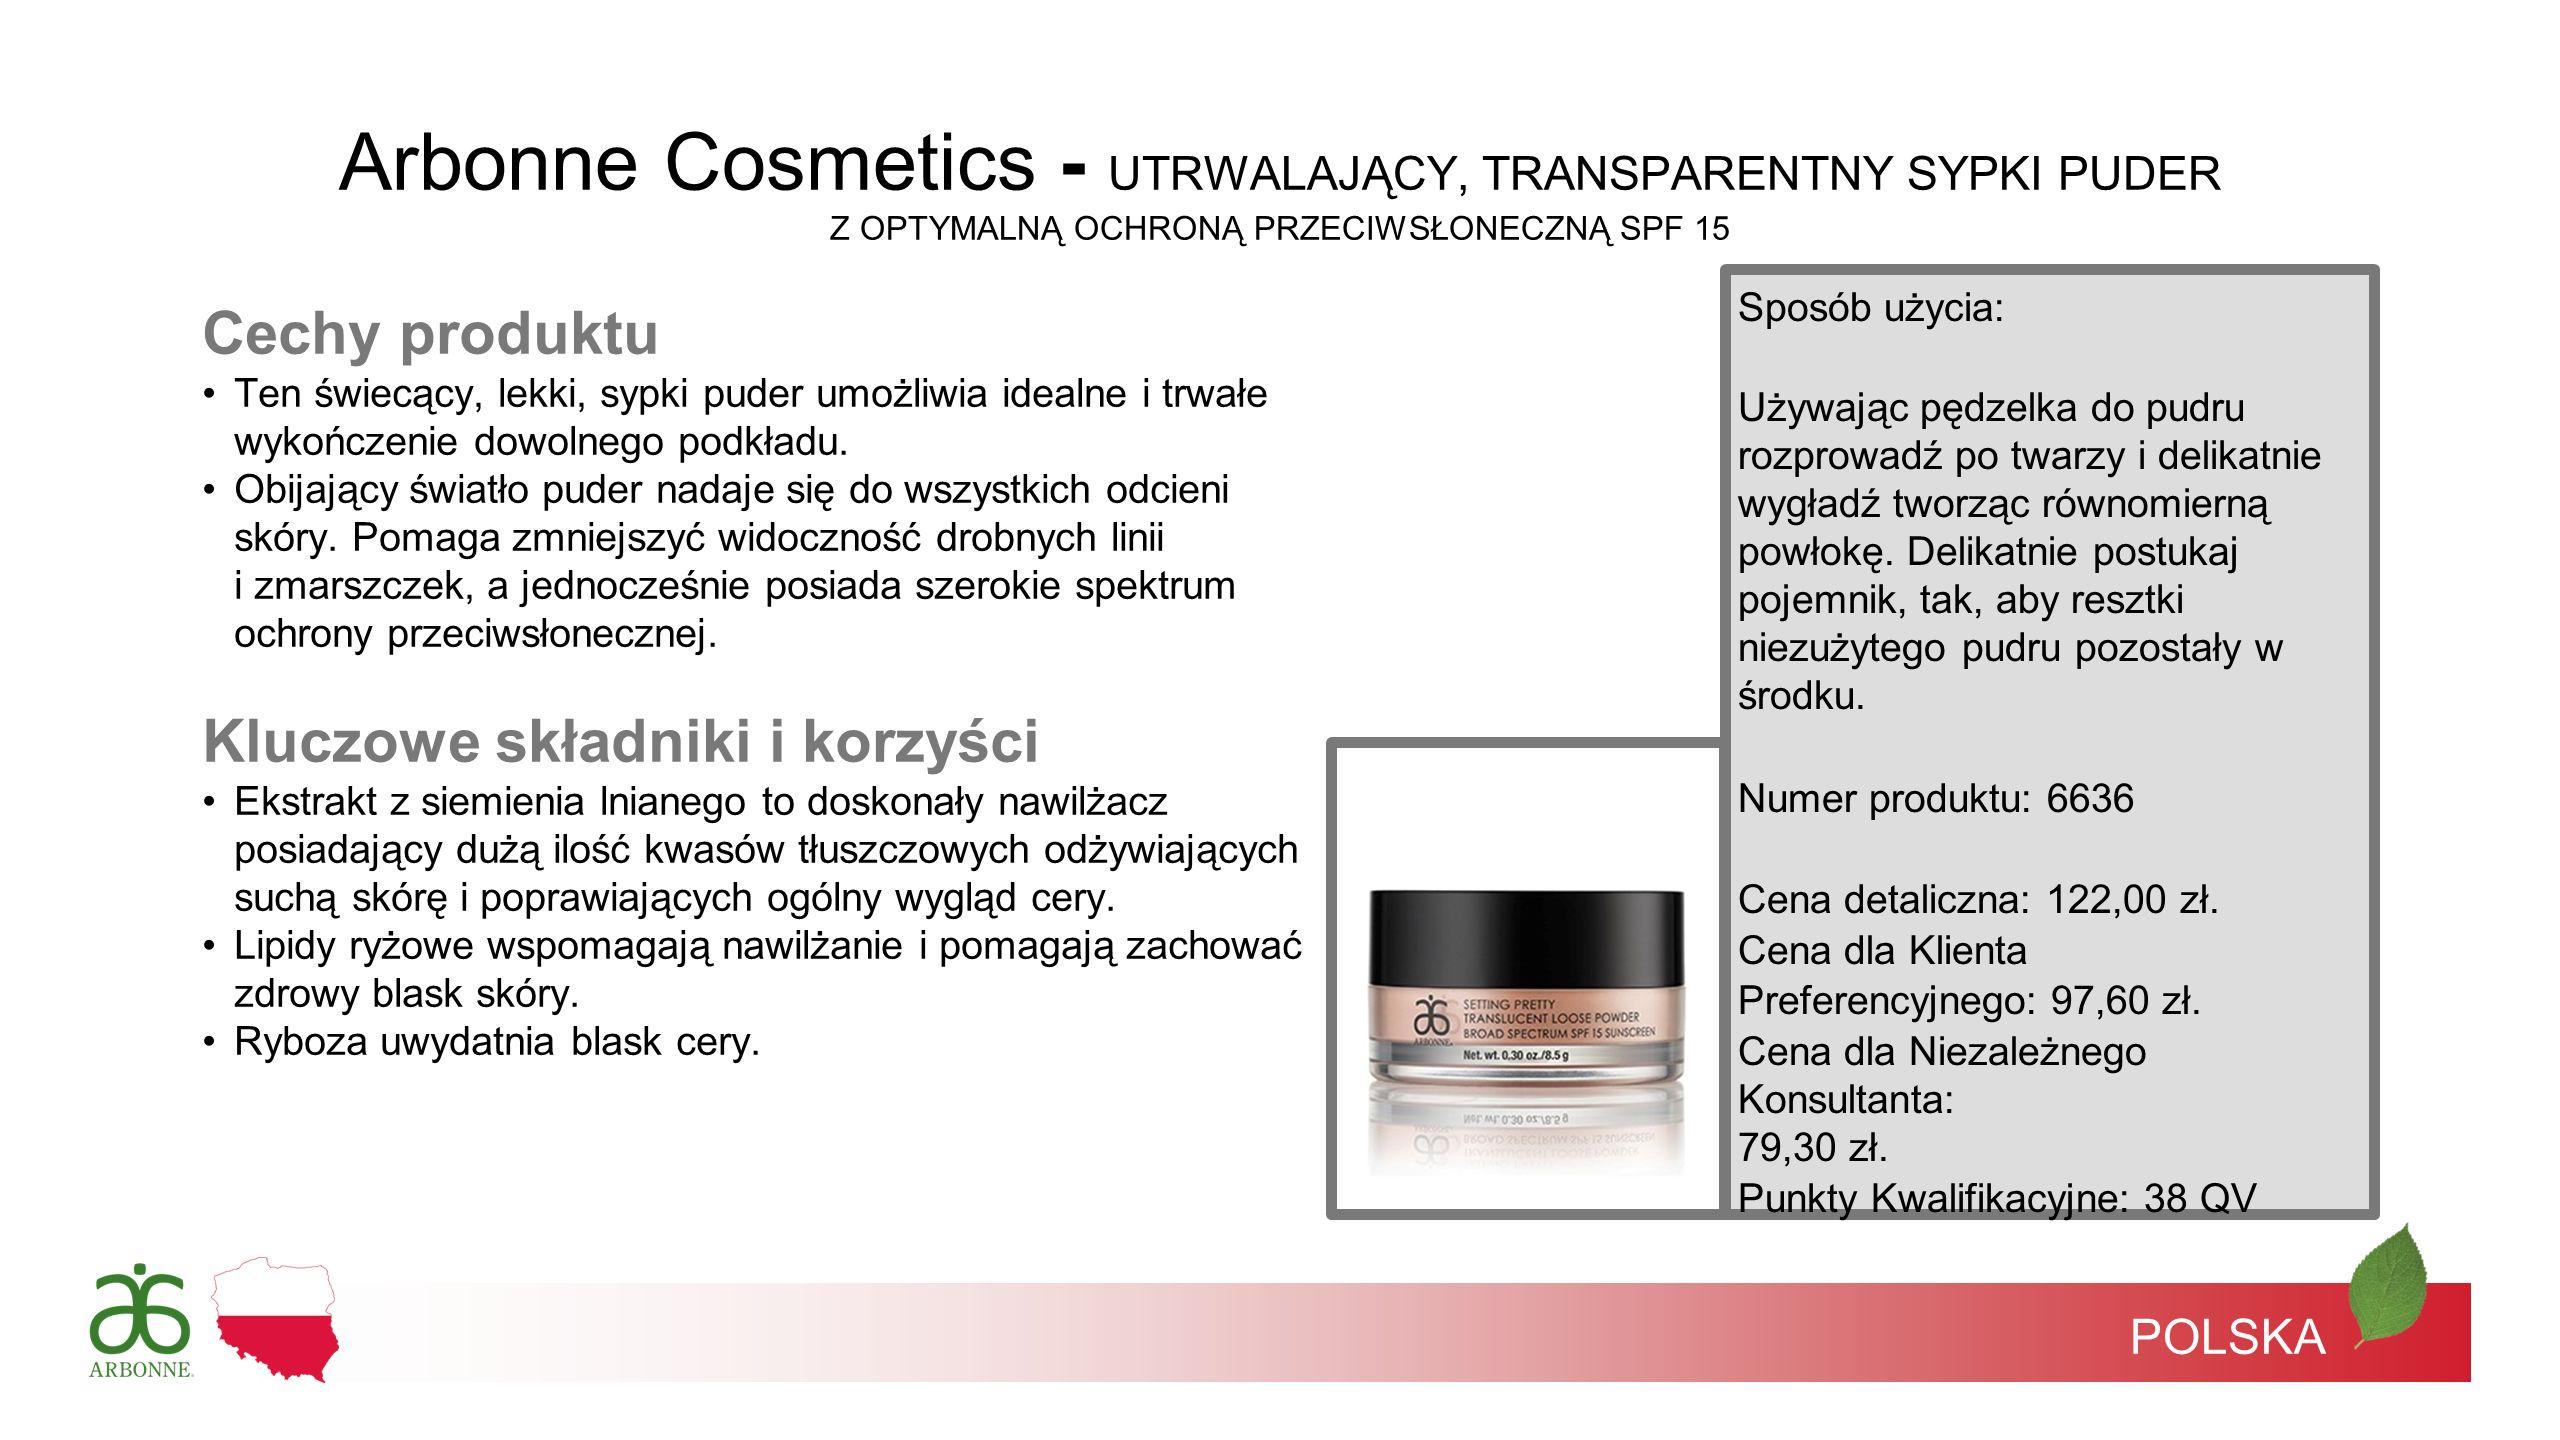 Arbonne Cosmetics - UTRWALAJĄCY, TRANSPARENTNY SYPKI PUDER